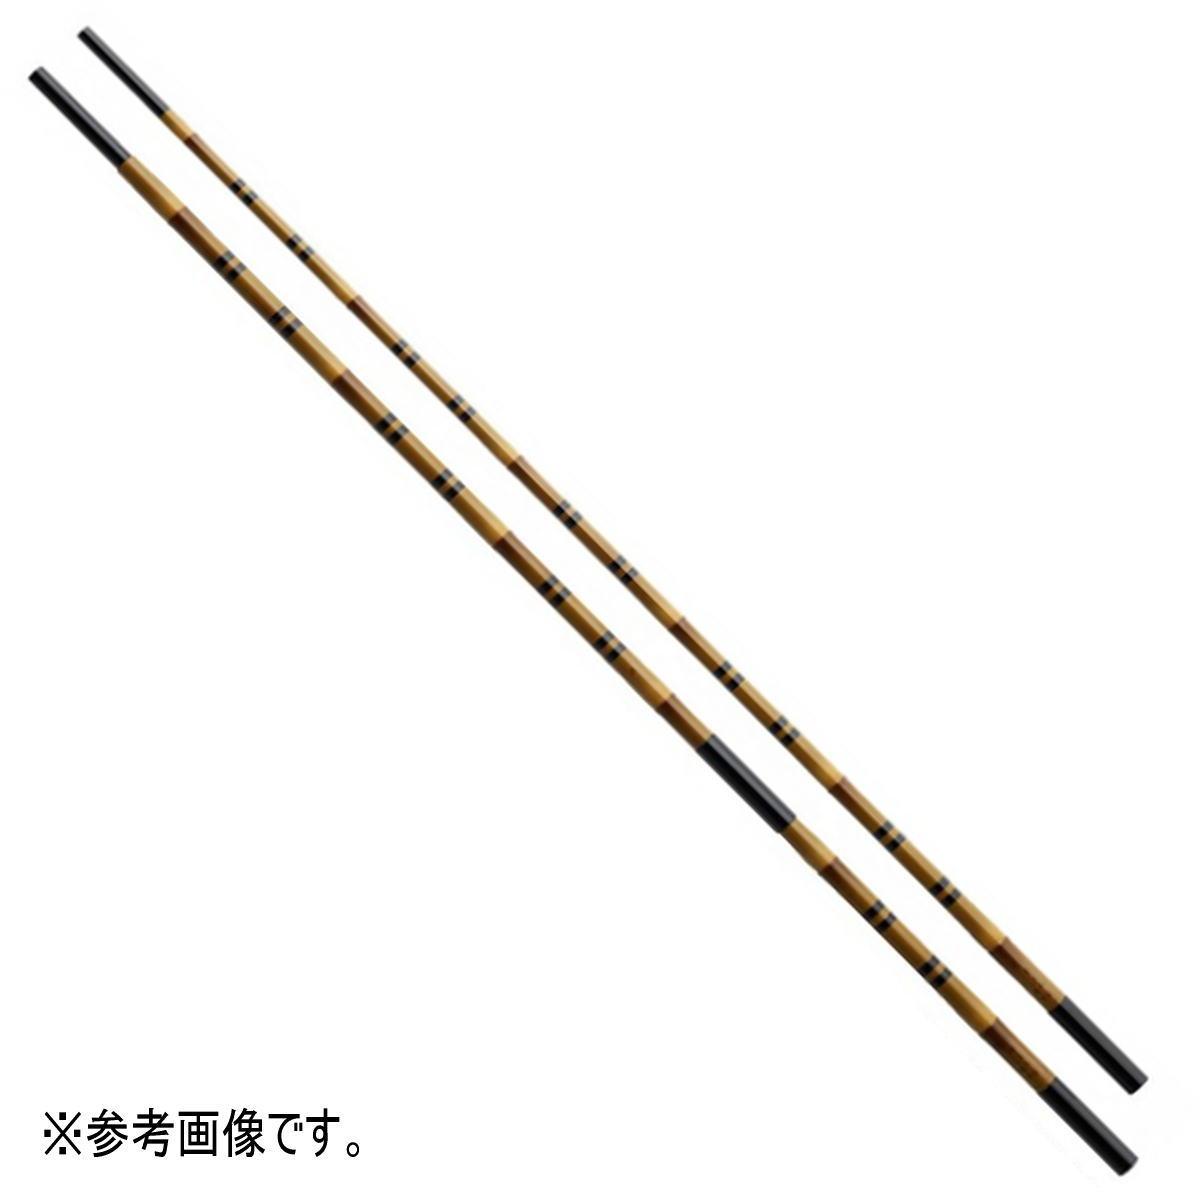 【送料無料5】シマノ 普天元 独歩 小仕舞竿掛二本物